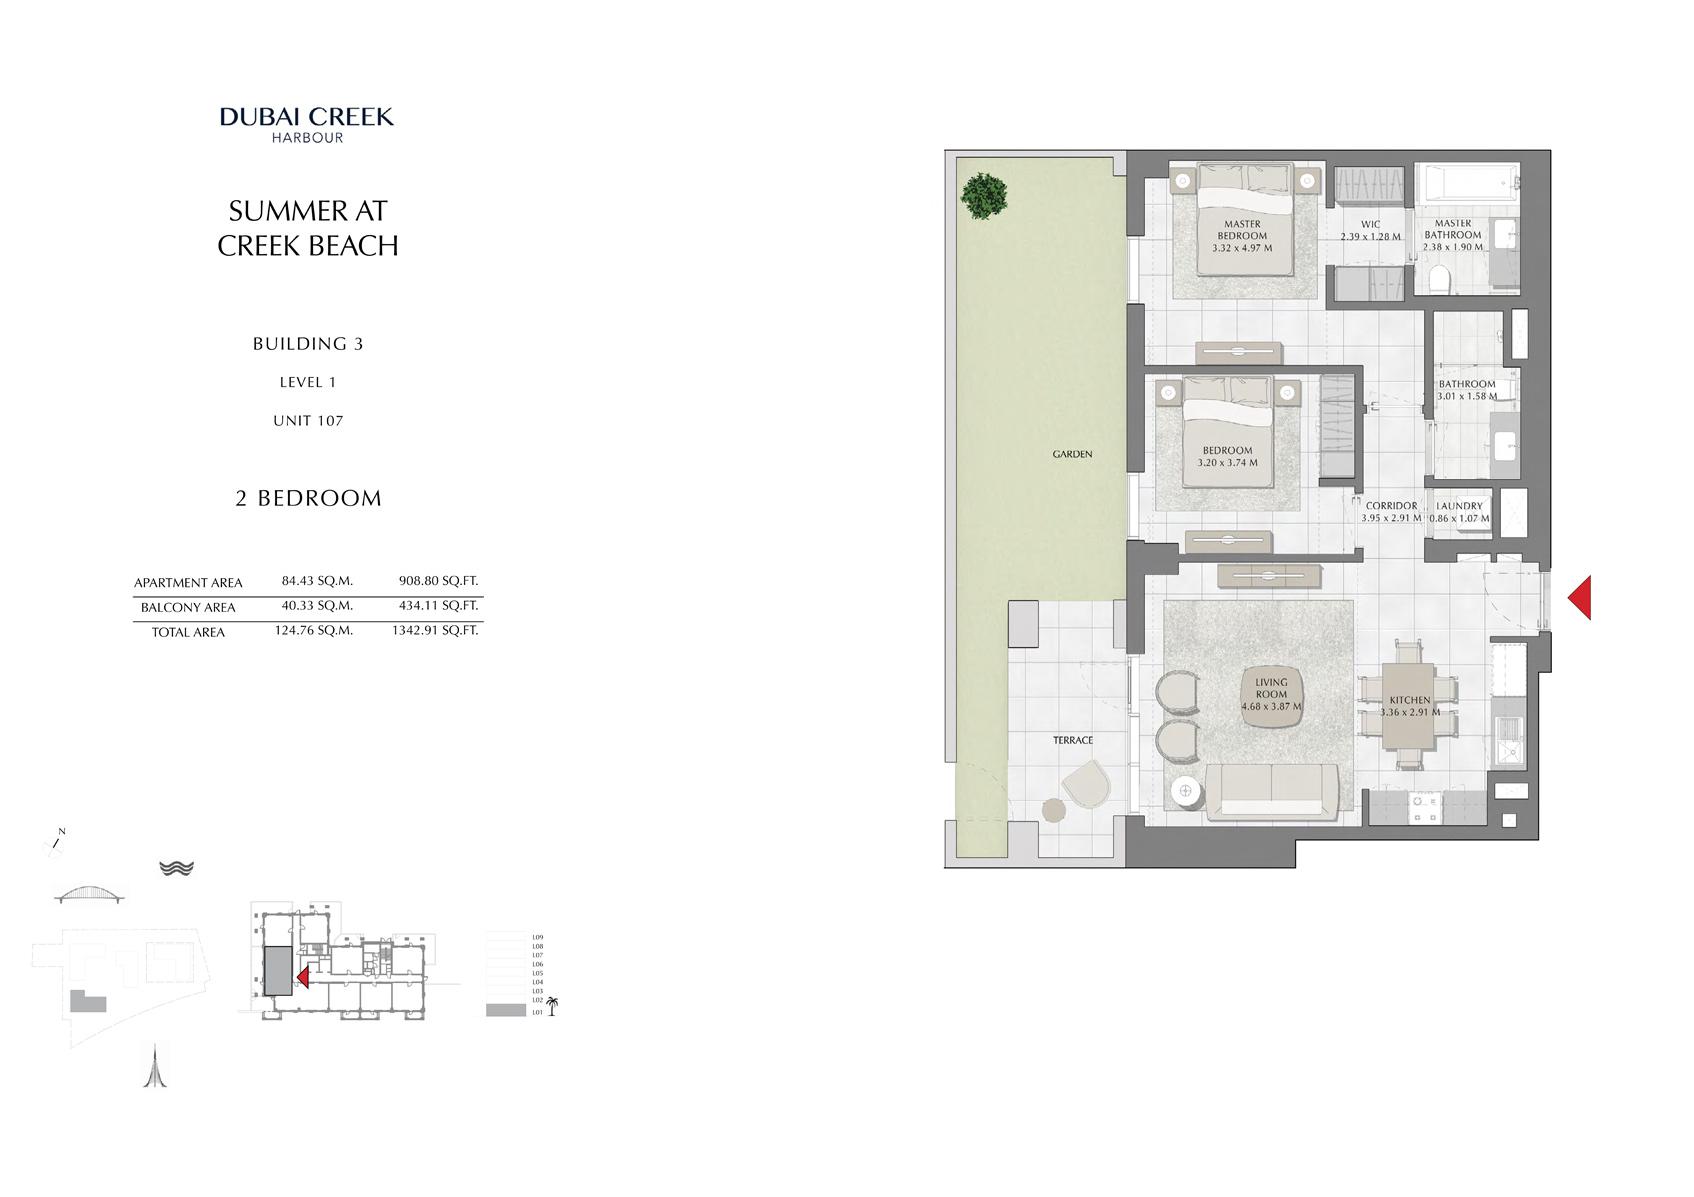 2 Br Building 3 Level 1 Unit 107, Size 1342 Sq Ft